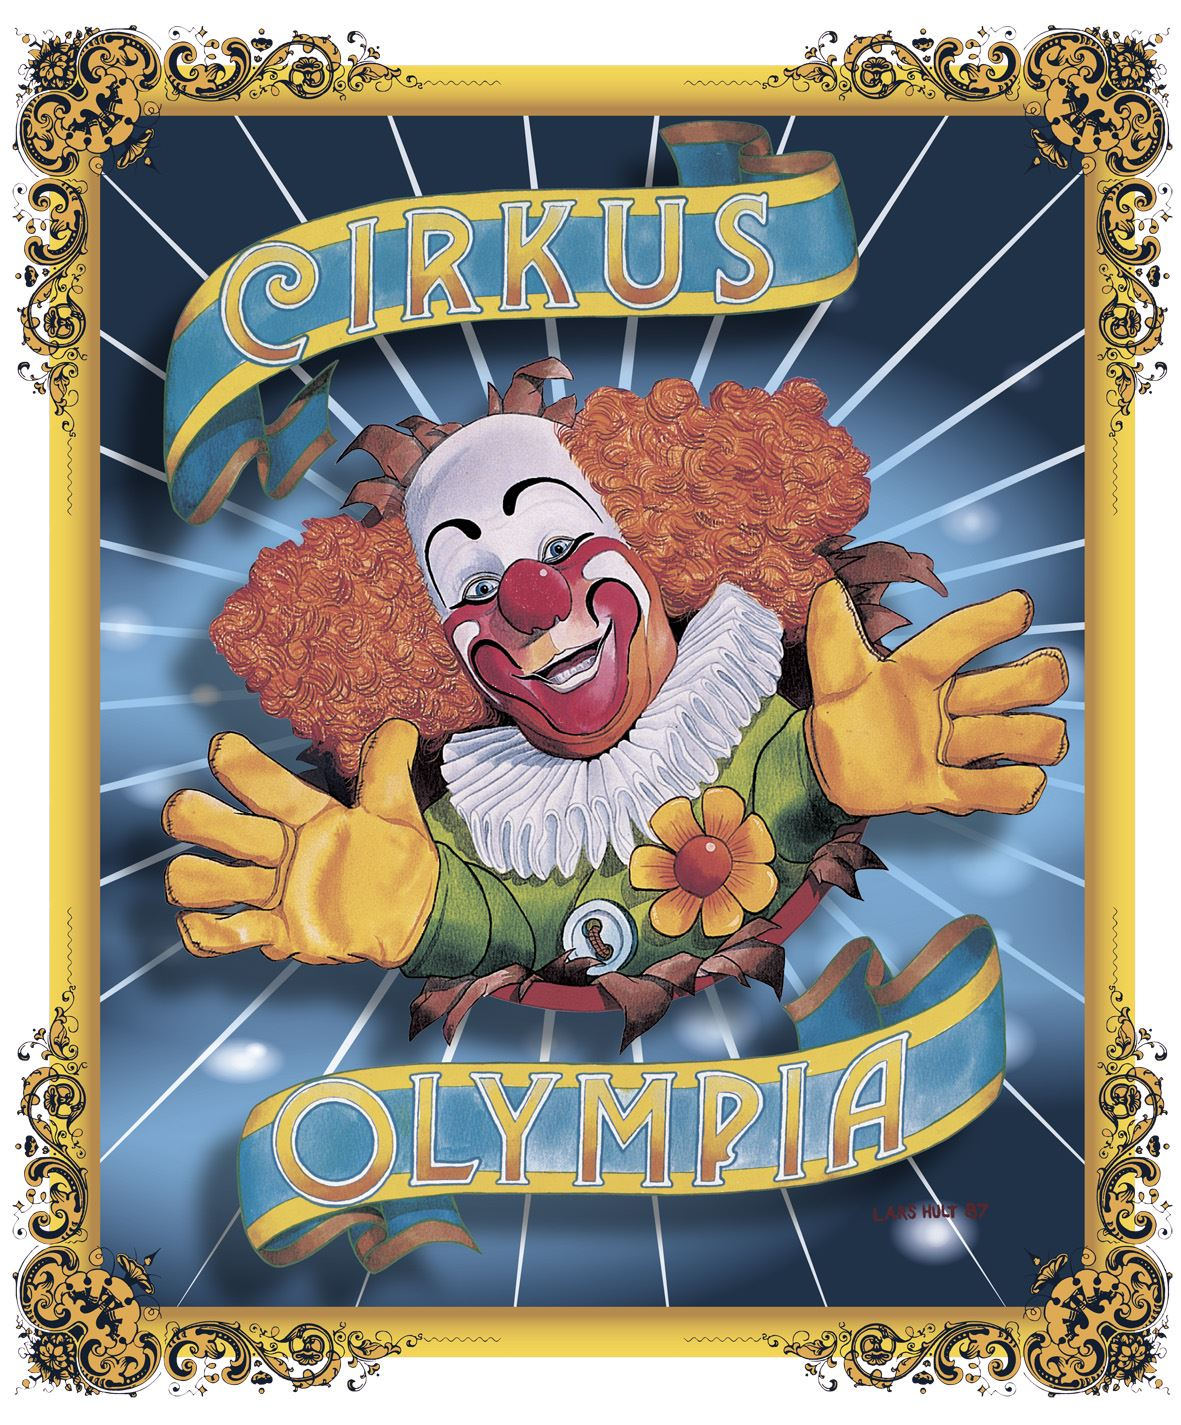 Cirkus Olympia Västervik